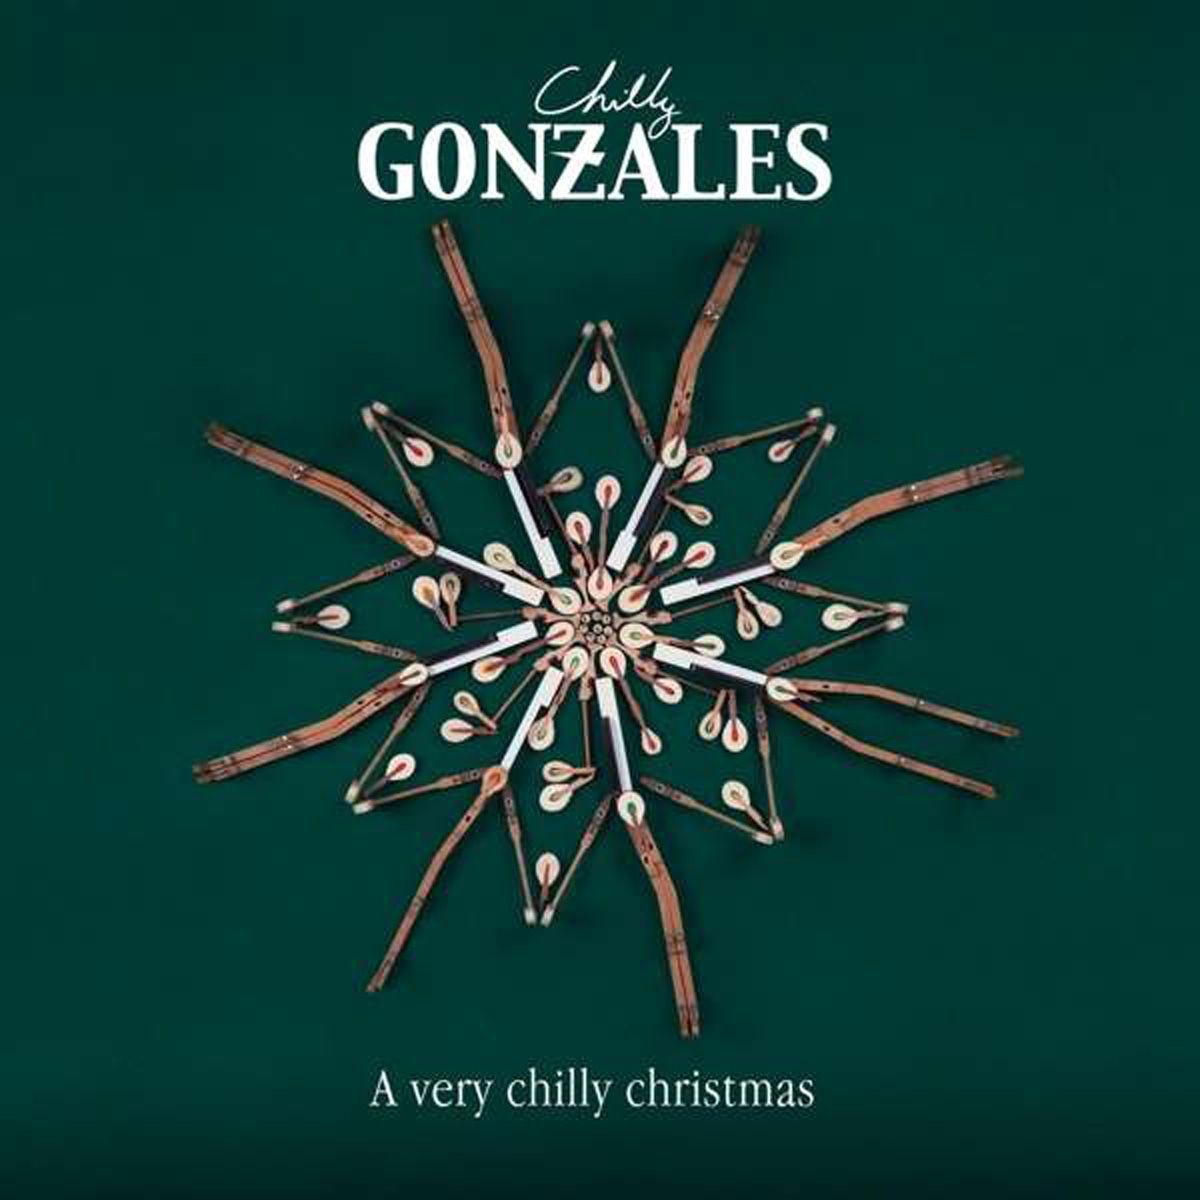 Chilly Gonzales: Der berühmte Bademantel-Entertainer im Interview